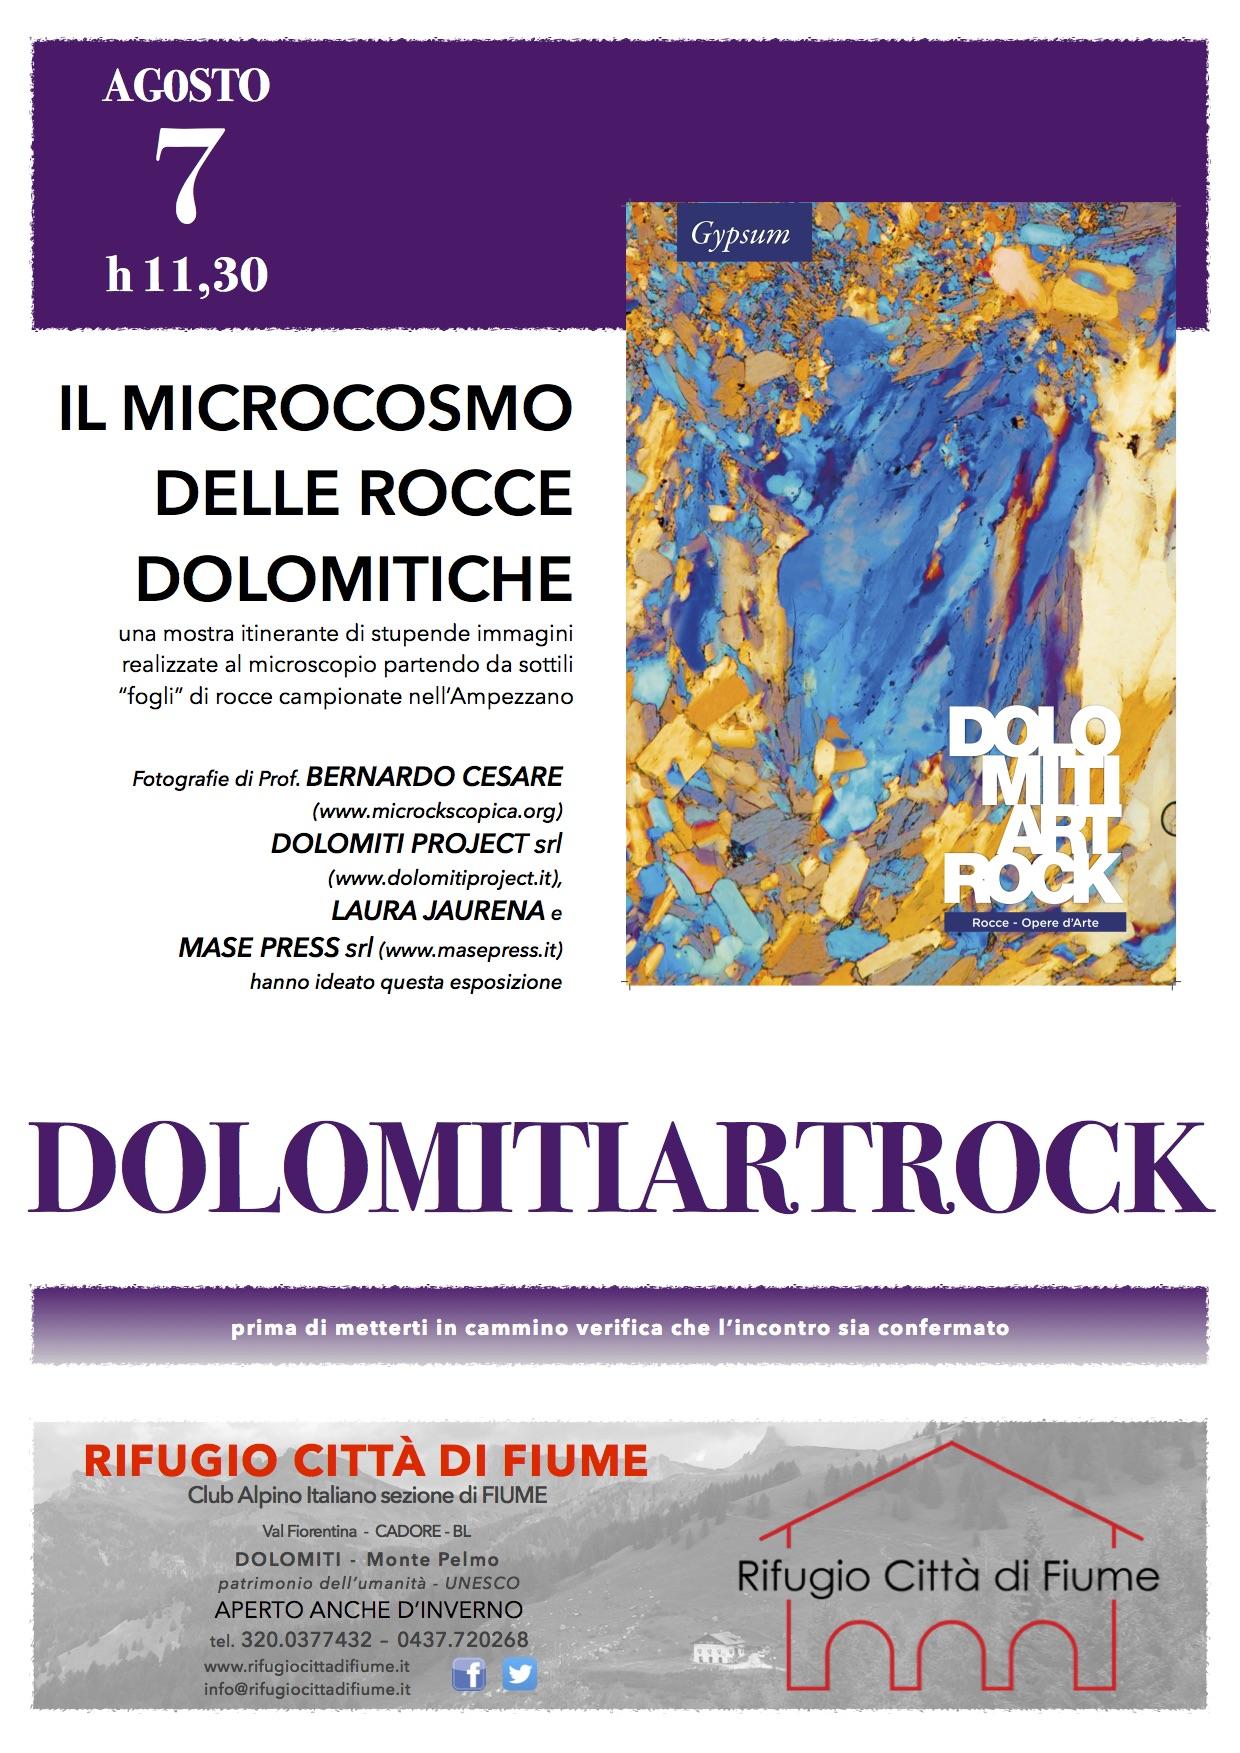 20160807 dolomitiartrock